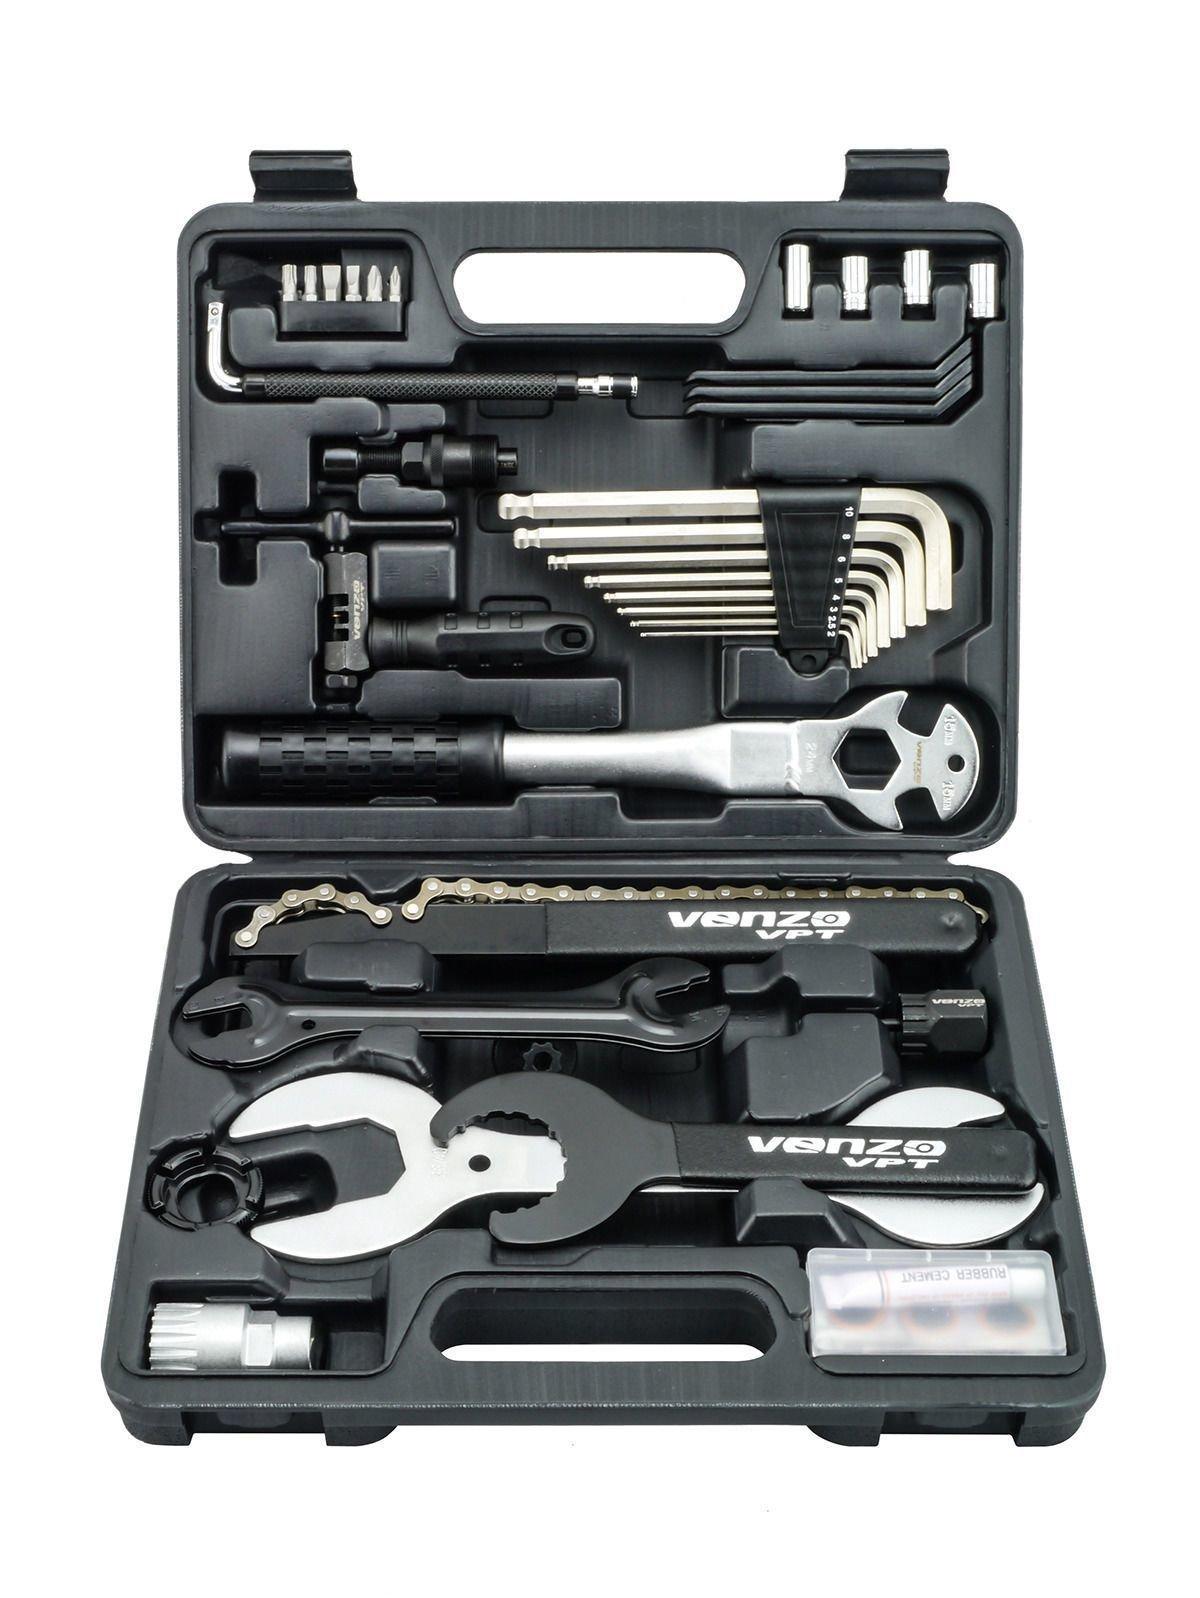 Venzo Premium Bike Repair Tools Tool Kit